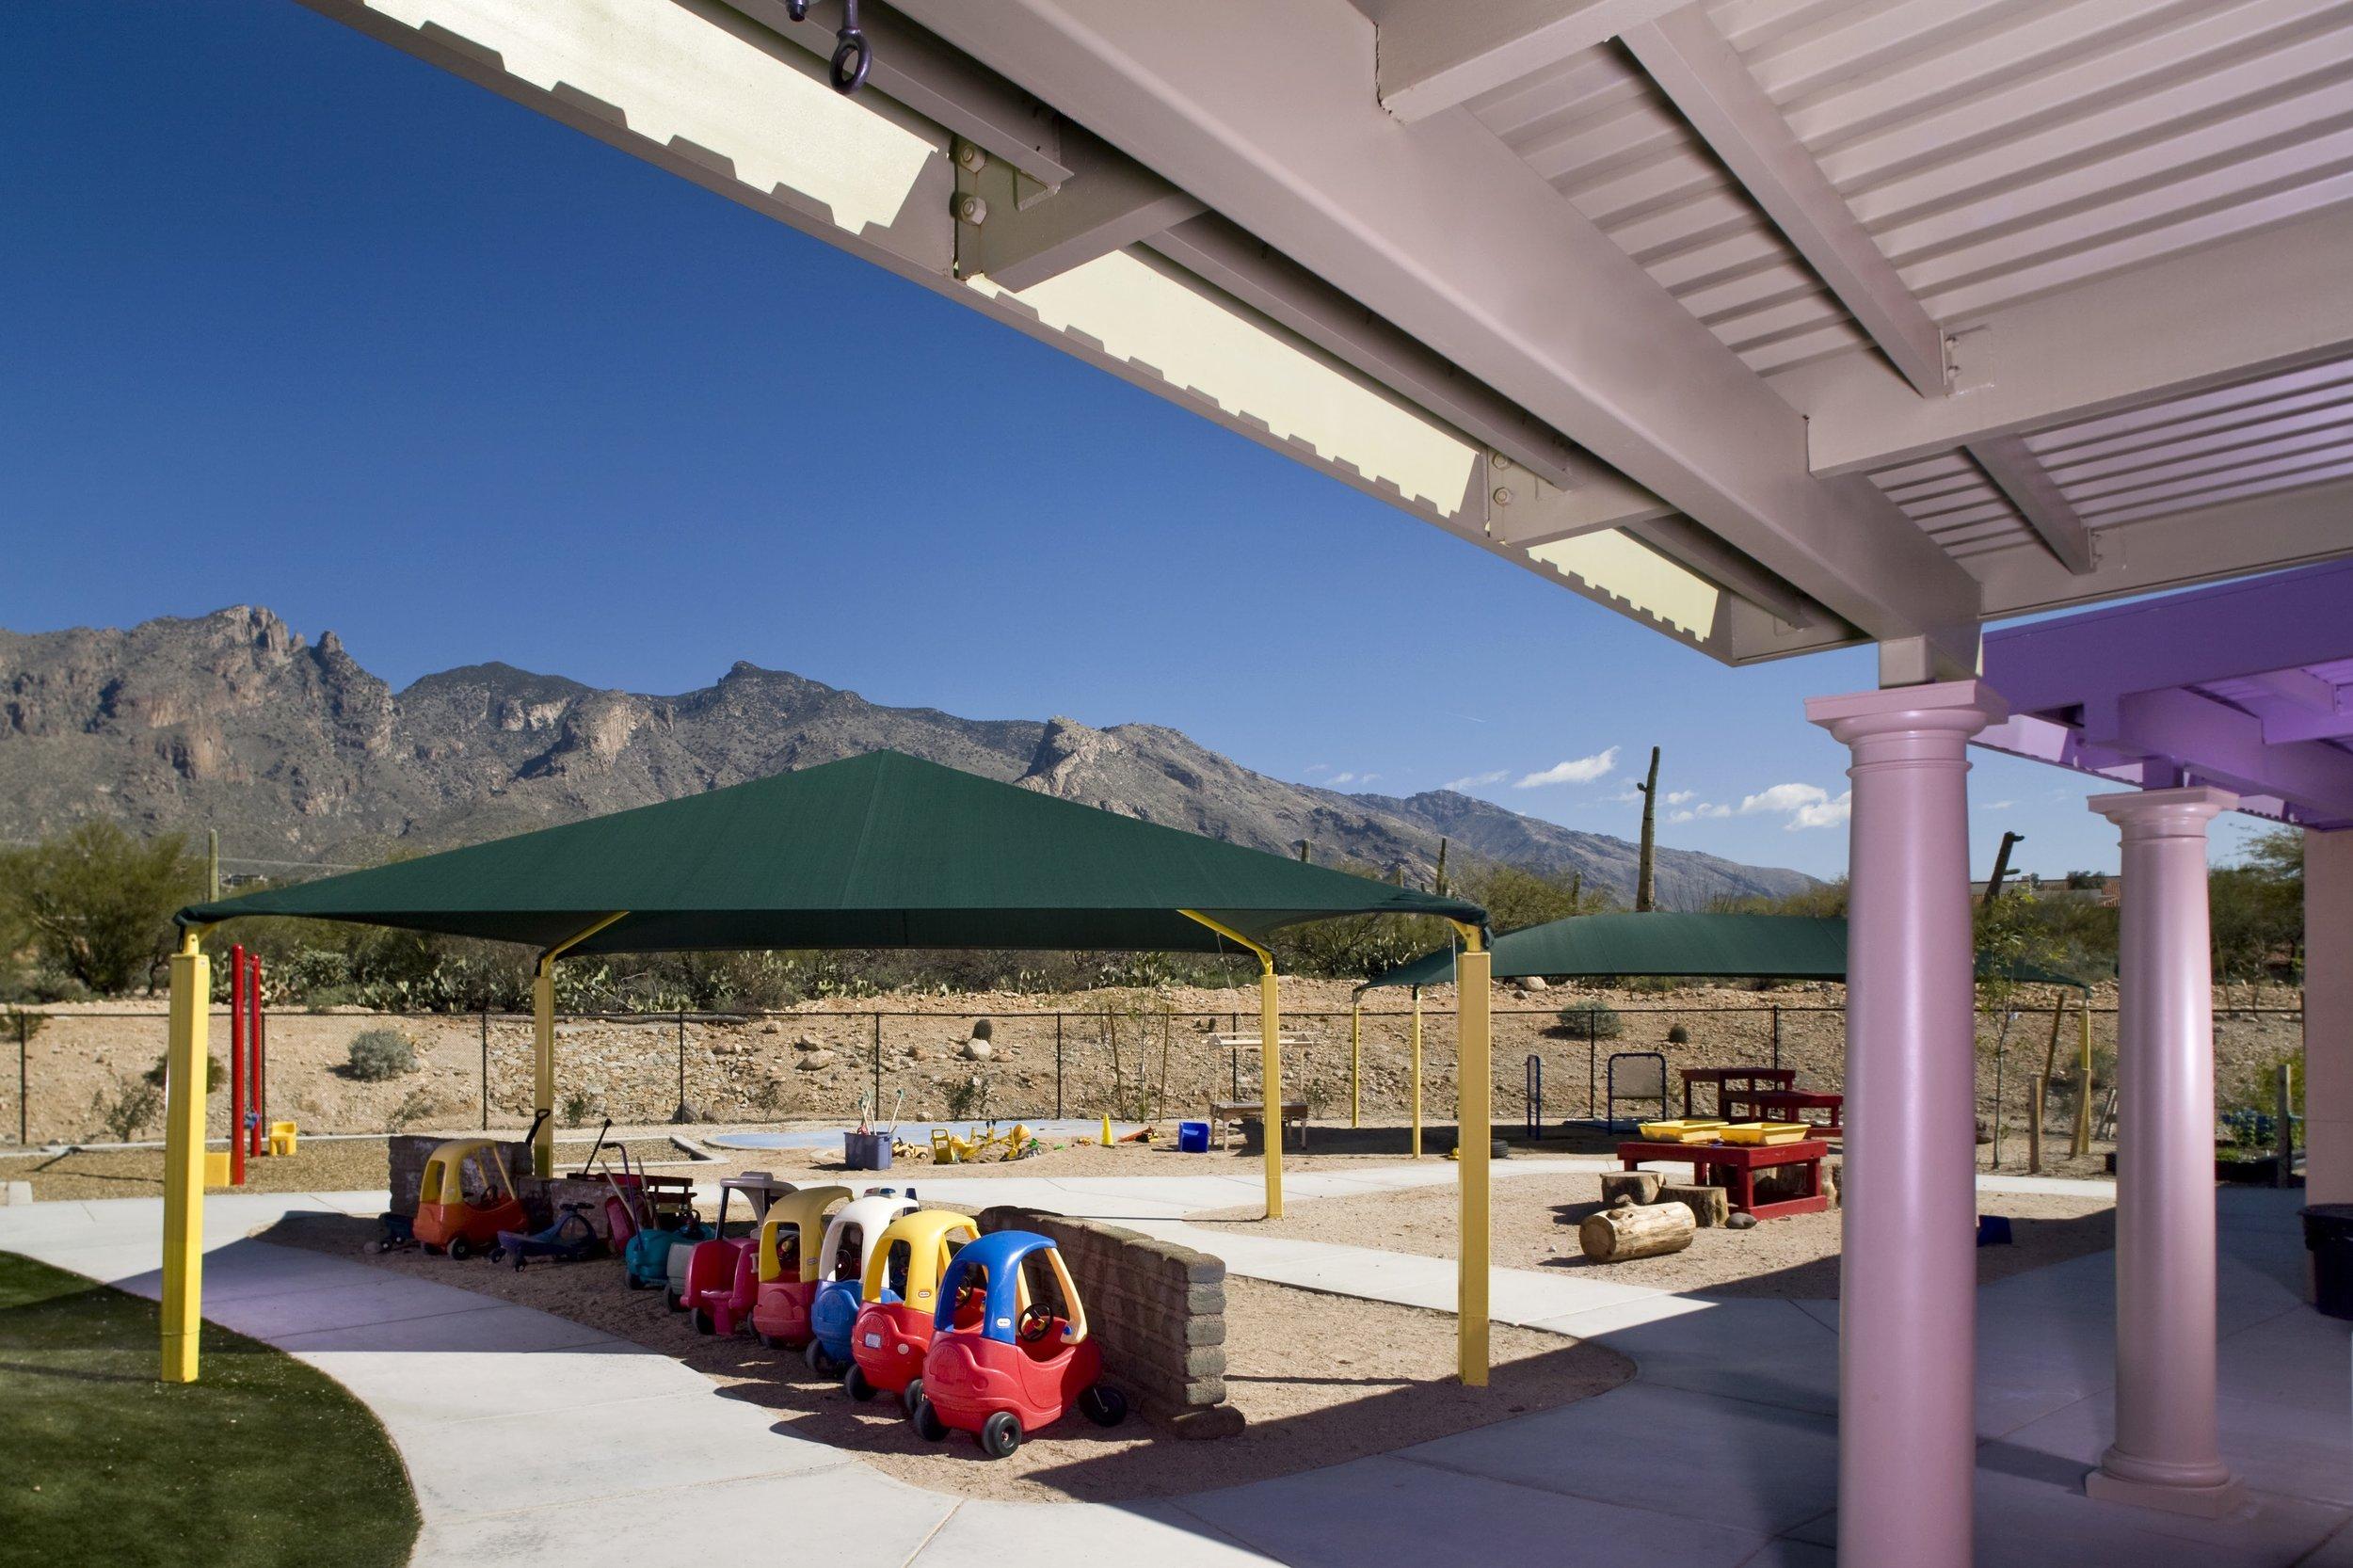 Catalina_Playground.jpg